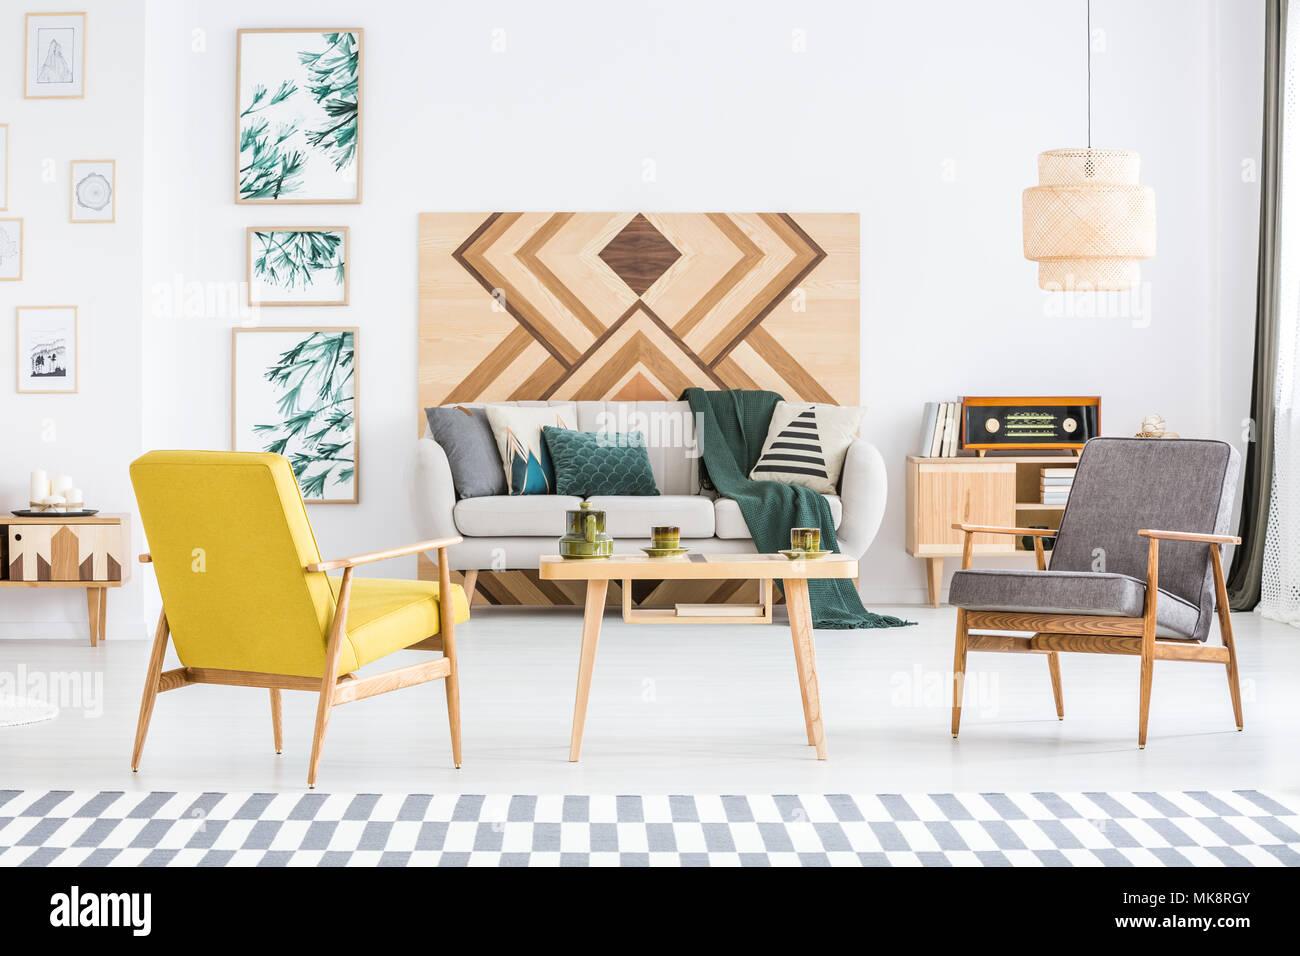 Gelb und Grau Holz Sessel im Wohnzimmer Einrichtung mit grünen Decke ...